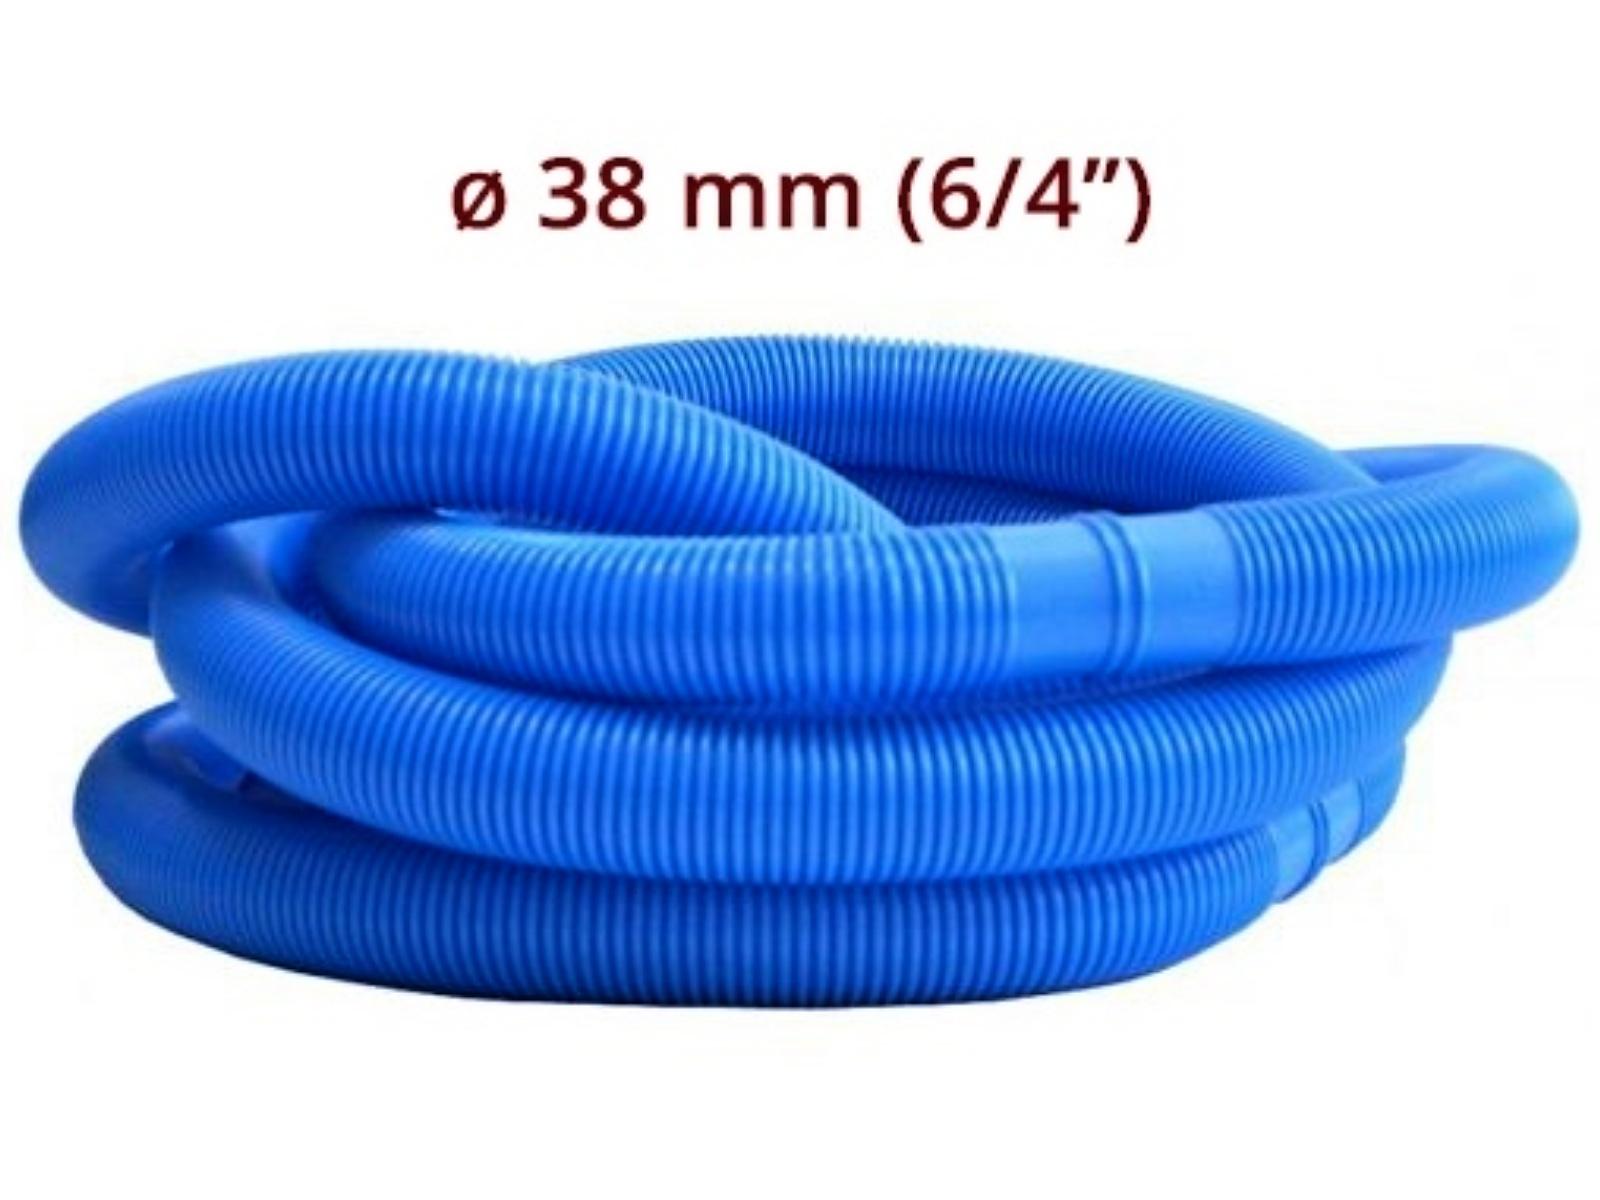 Bazénová hadice MARIMEX 1,50 m/38 mm - modrá